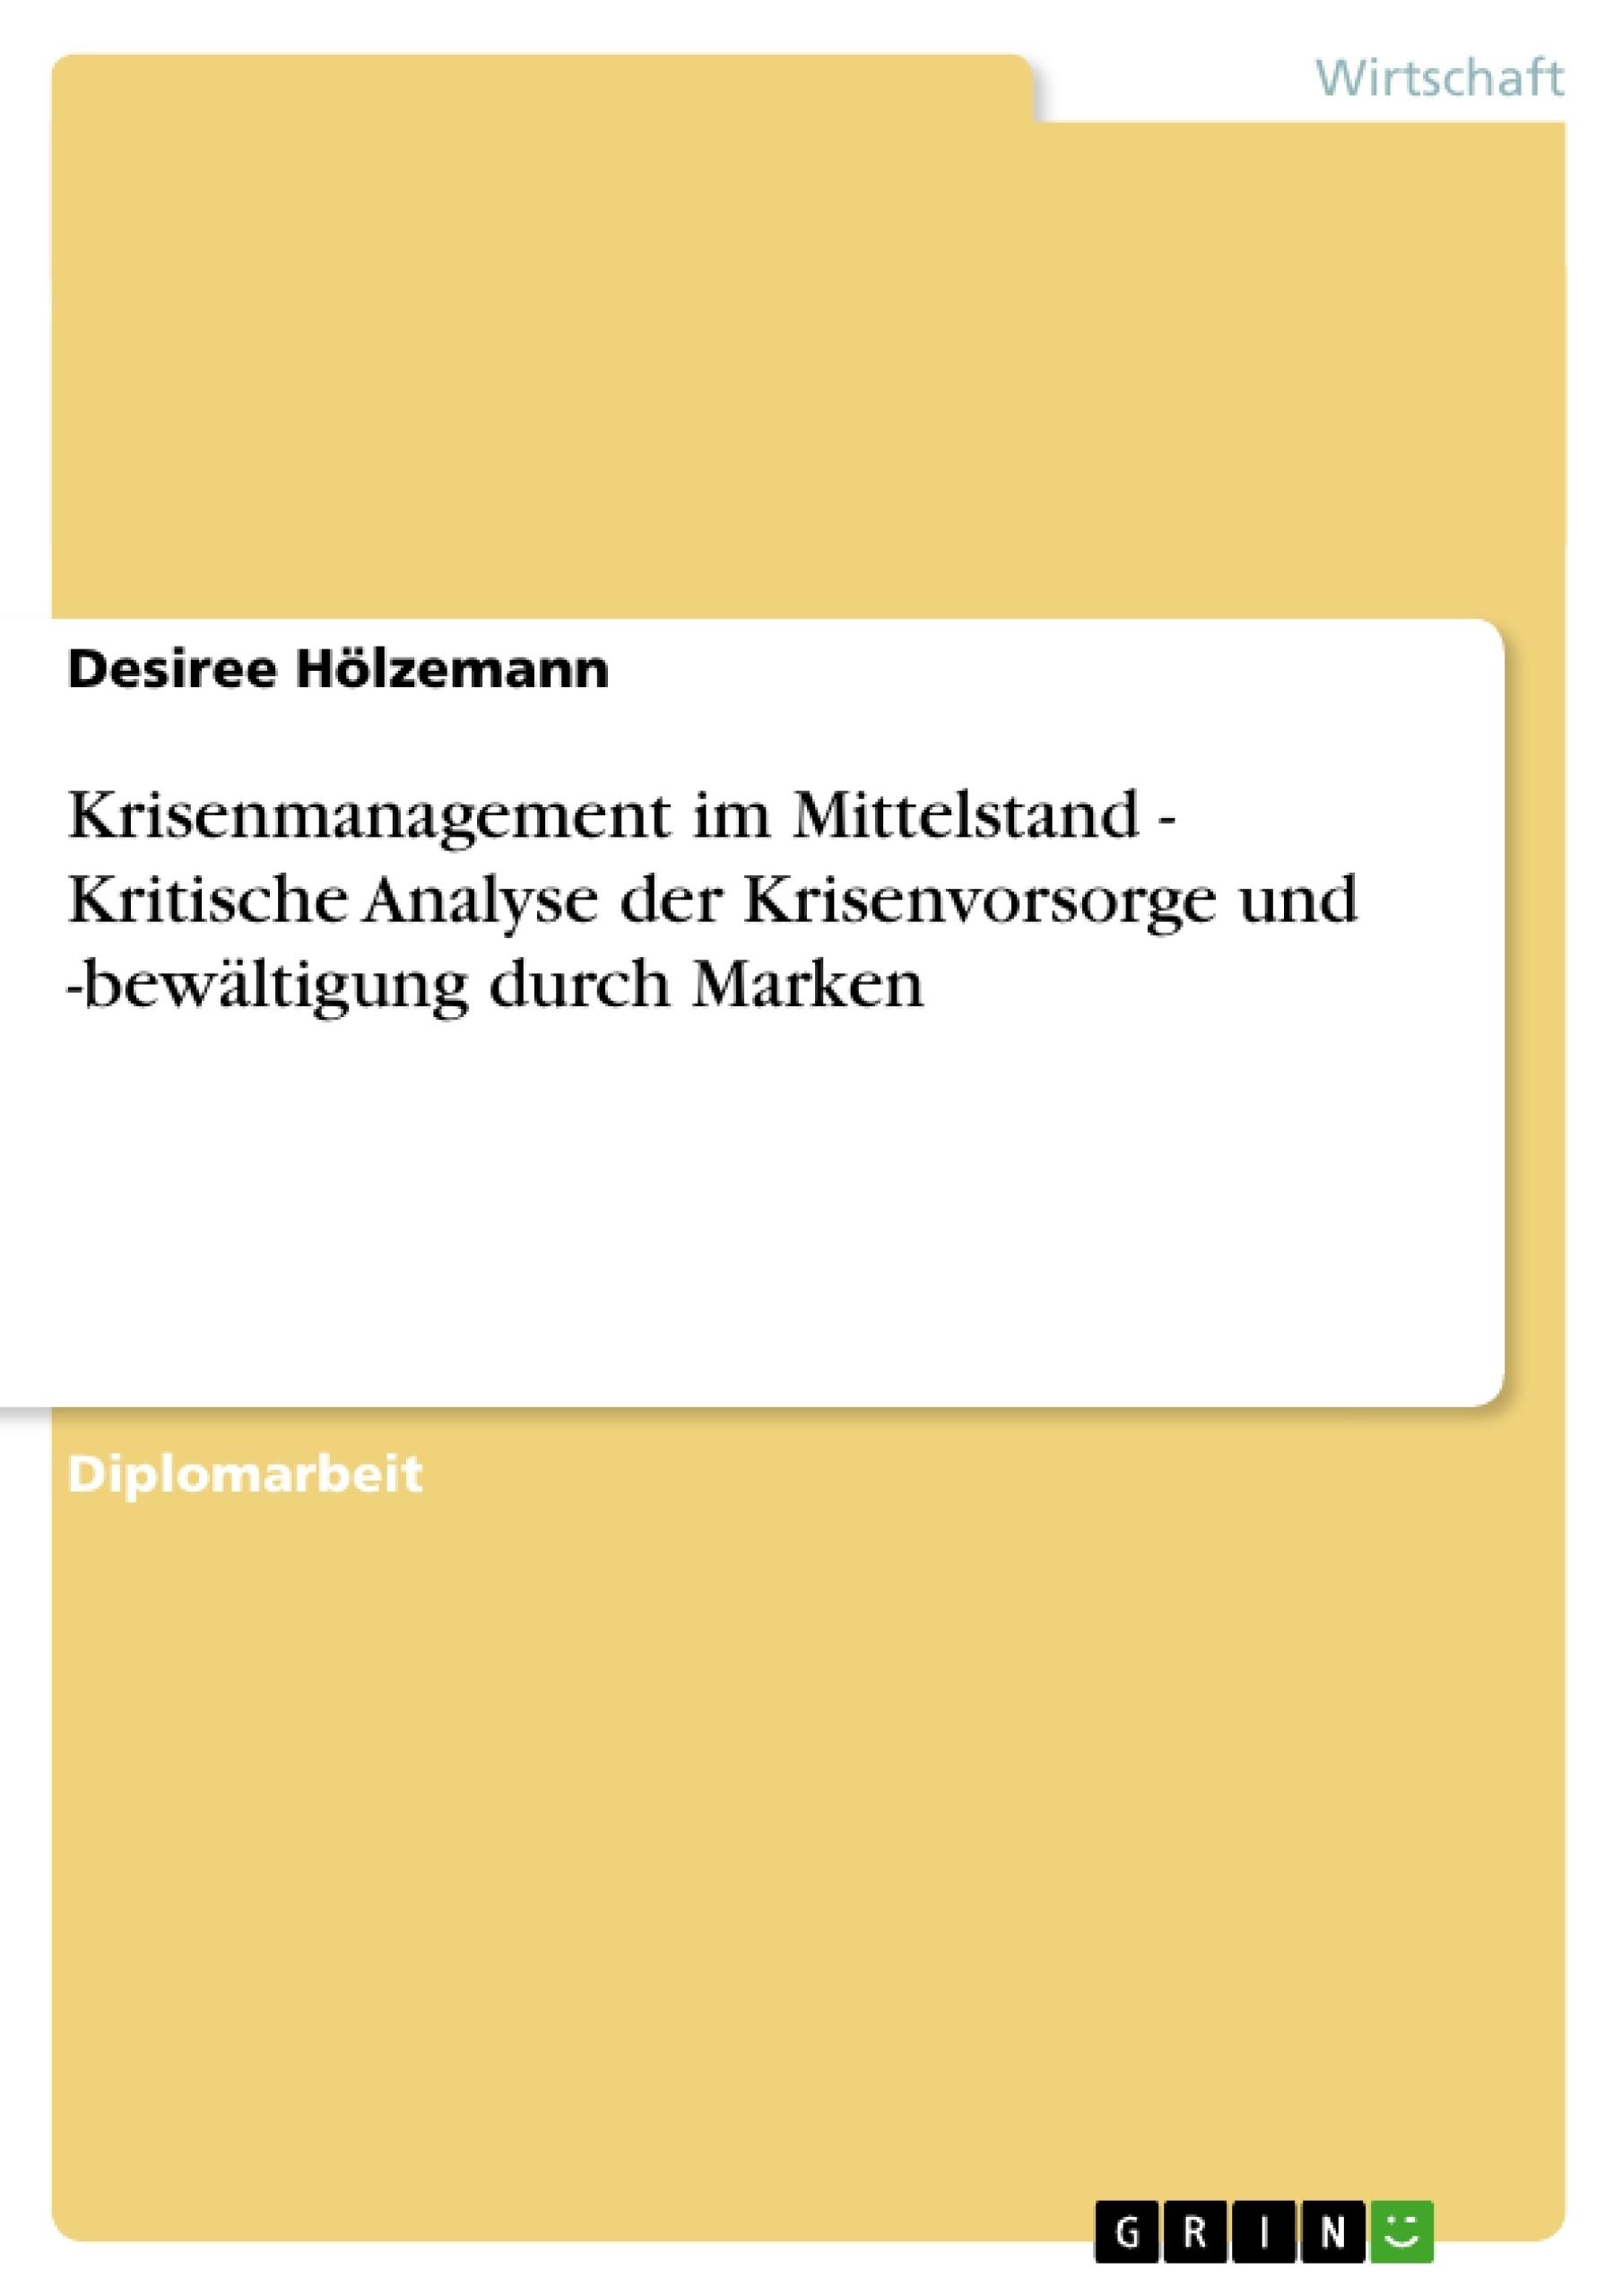 Titel: Krisenmanagement im Mittelstand - Kritische Analyse der Krisenvorsorge und -bewältigung durch Marken